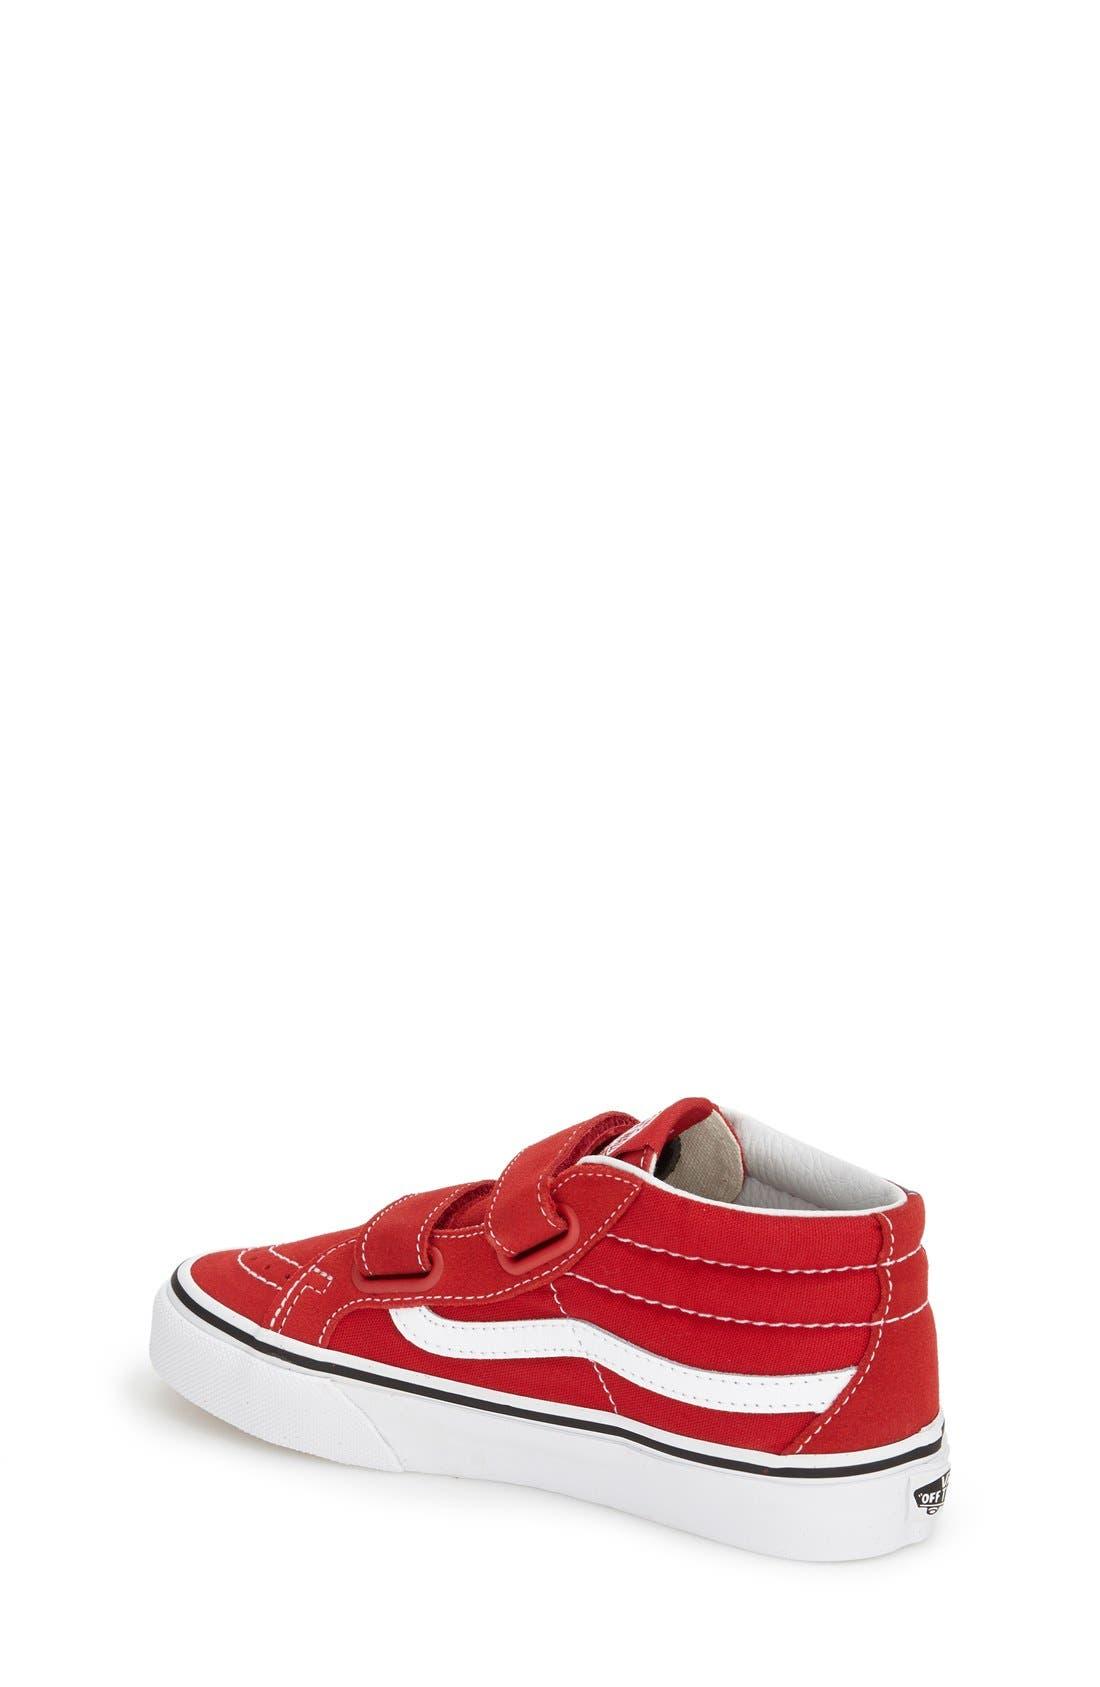 VANS, 'Sk8-Hi Reissue V' Sneaker, Alternate thumbnail 2, color, FORMULA ONE/ TRUE WHITE